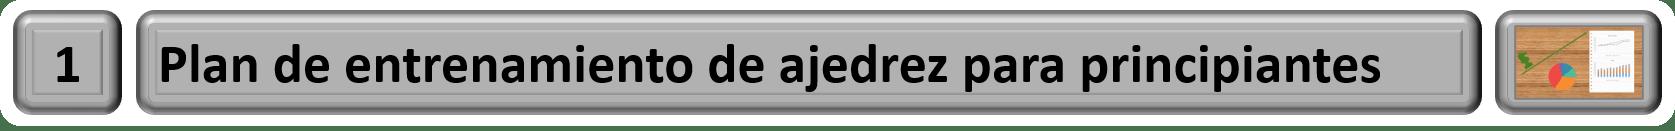 Entrenamiento #Ajedrez Principiantes - Iniciar en Ajedrez